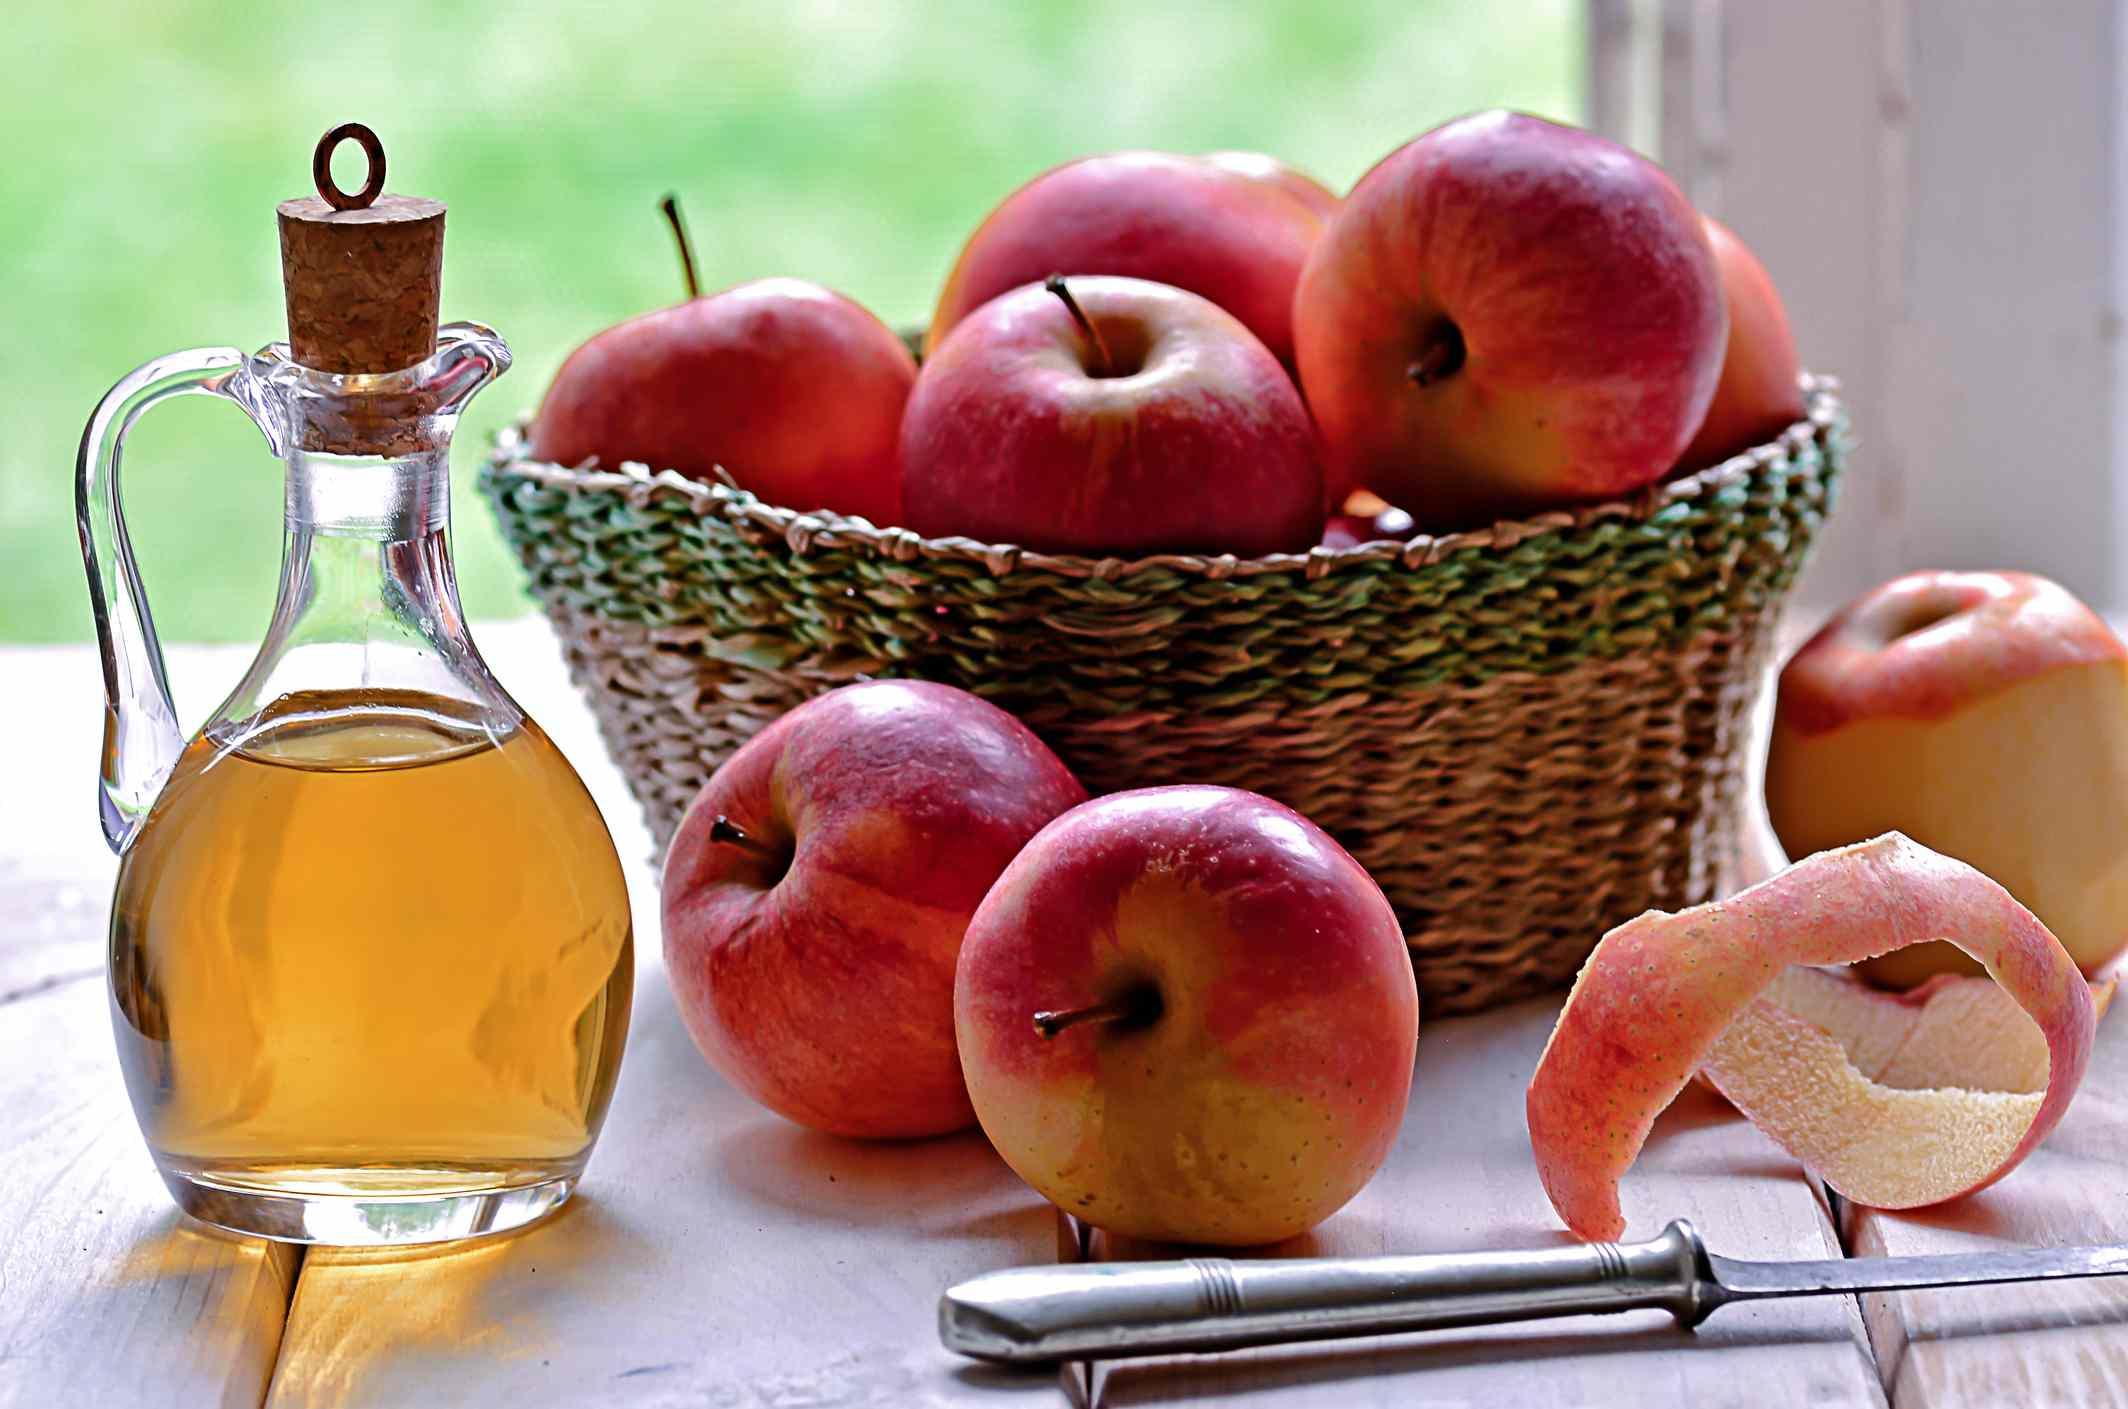 Bottle of apple cider vinegar next to a basket of apples